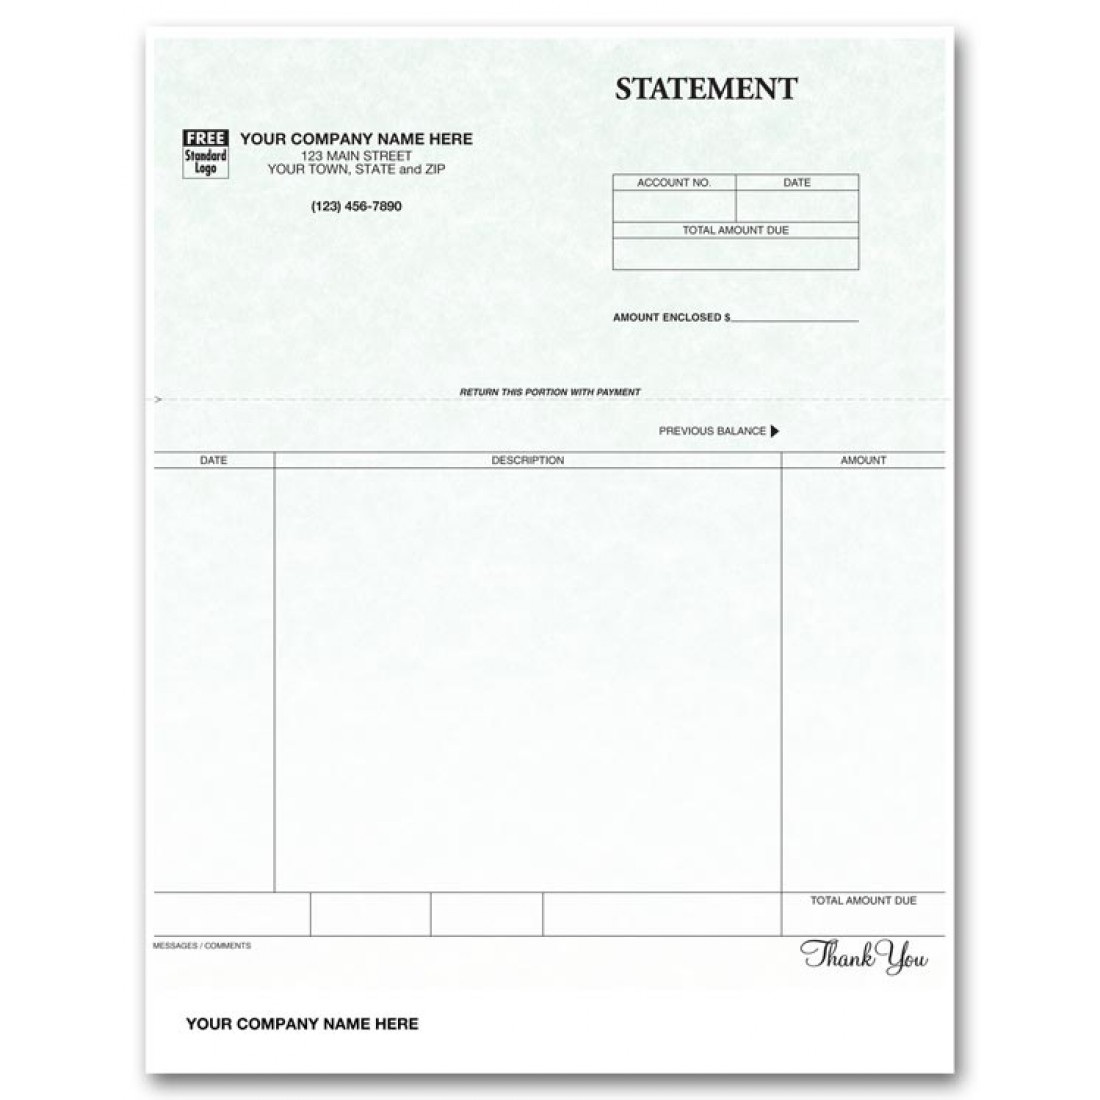 Laser Statement for Clip - Parchment